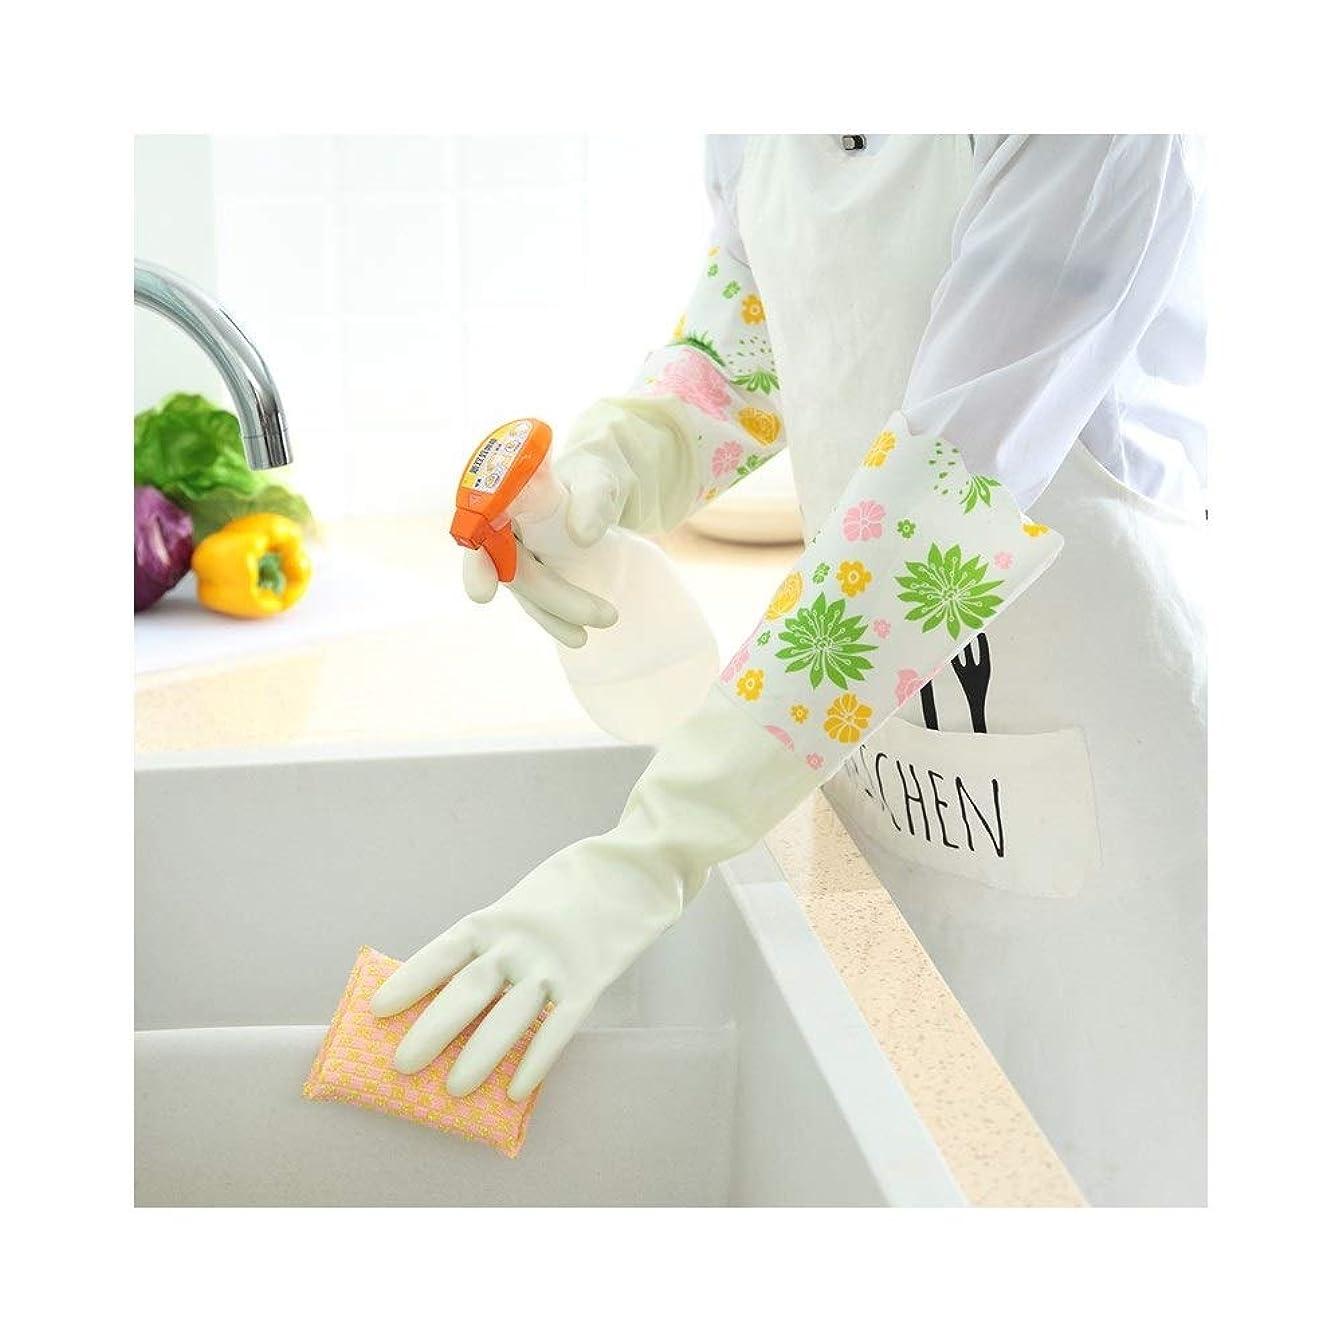 エゴイズム公平練習した使い捨て手袋 キッチン用手袋防水性と耐久性のあるゴム製家事用手袋、1ペア ニトリルゴム手袋 (Color : GREEN, Size : L)